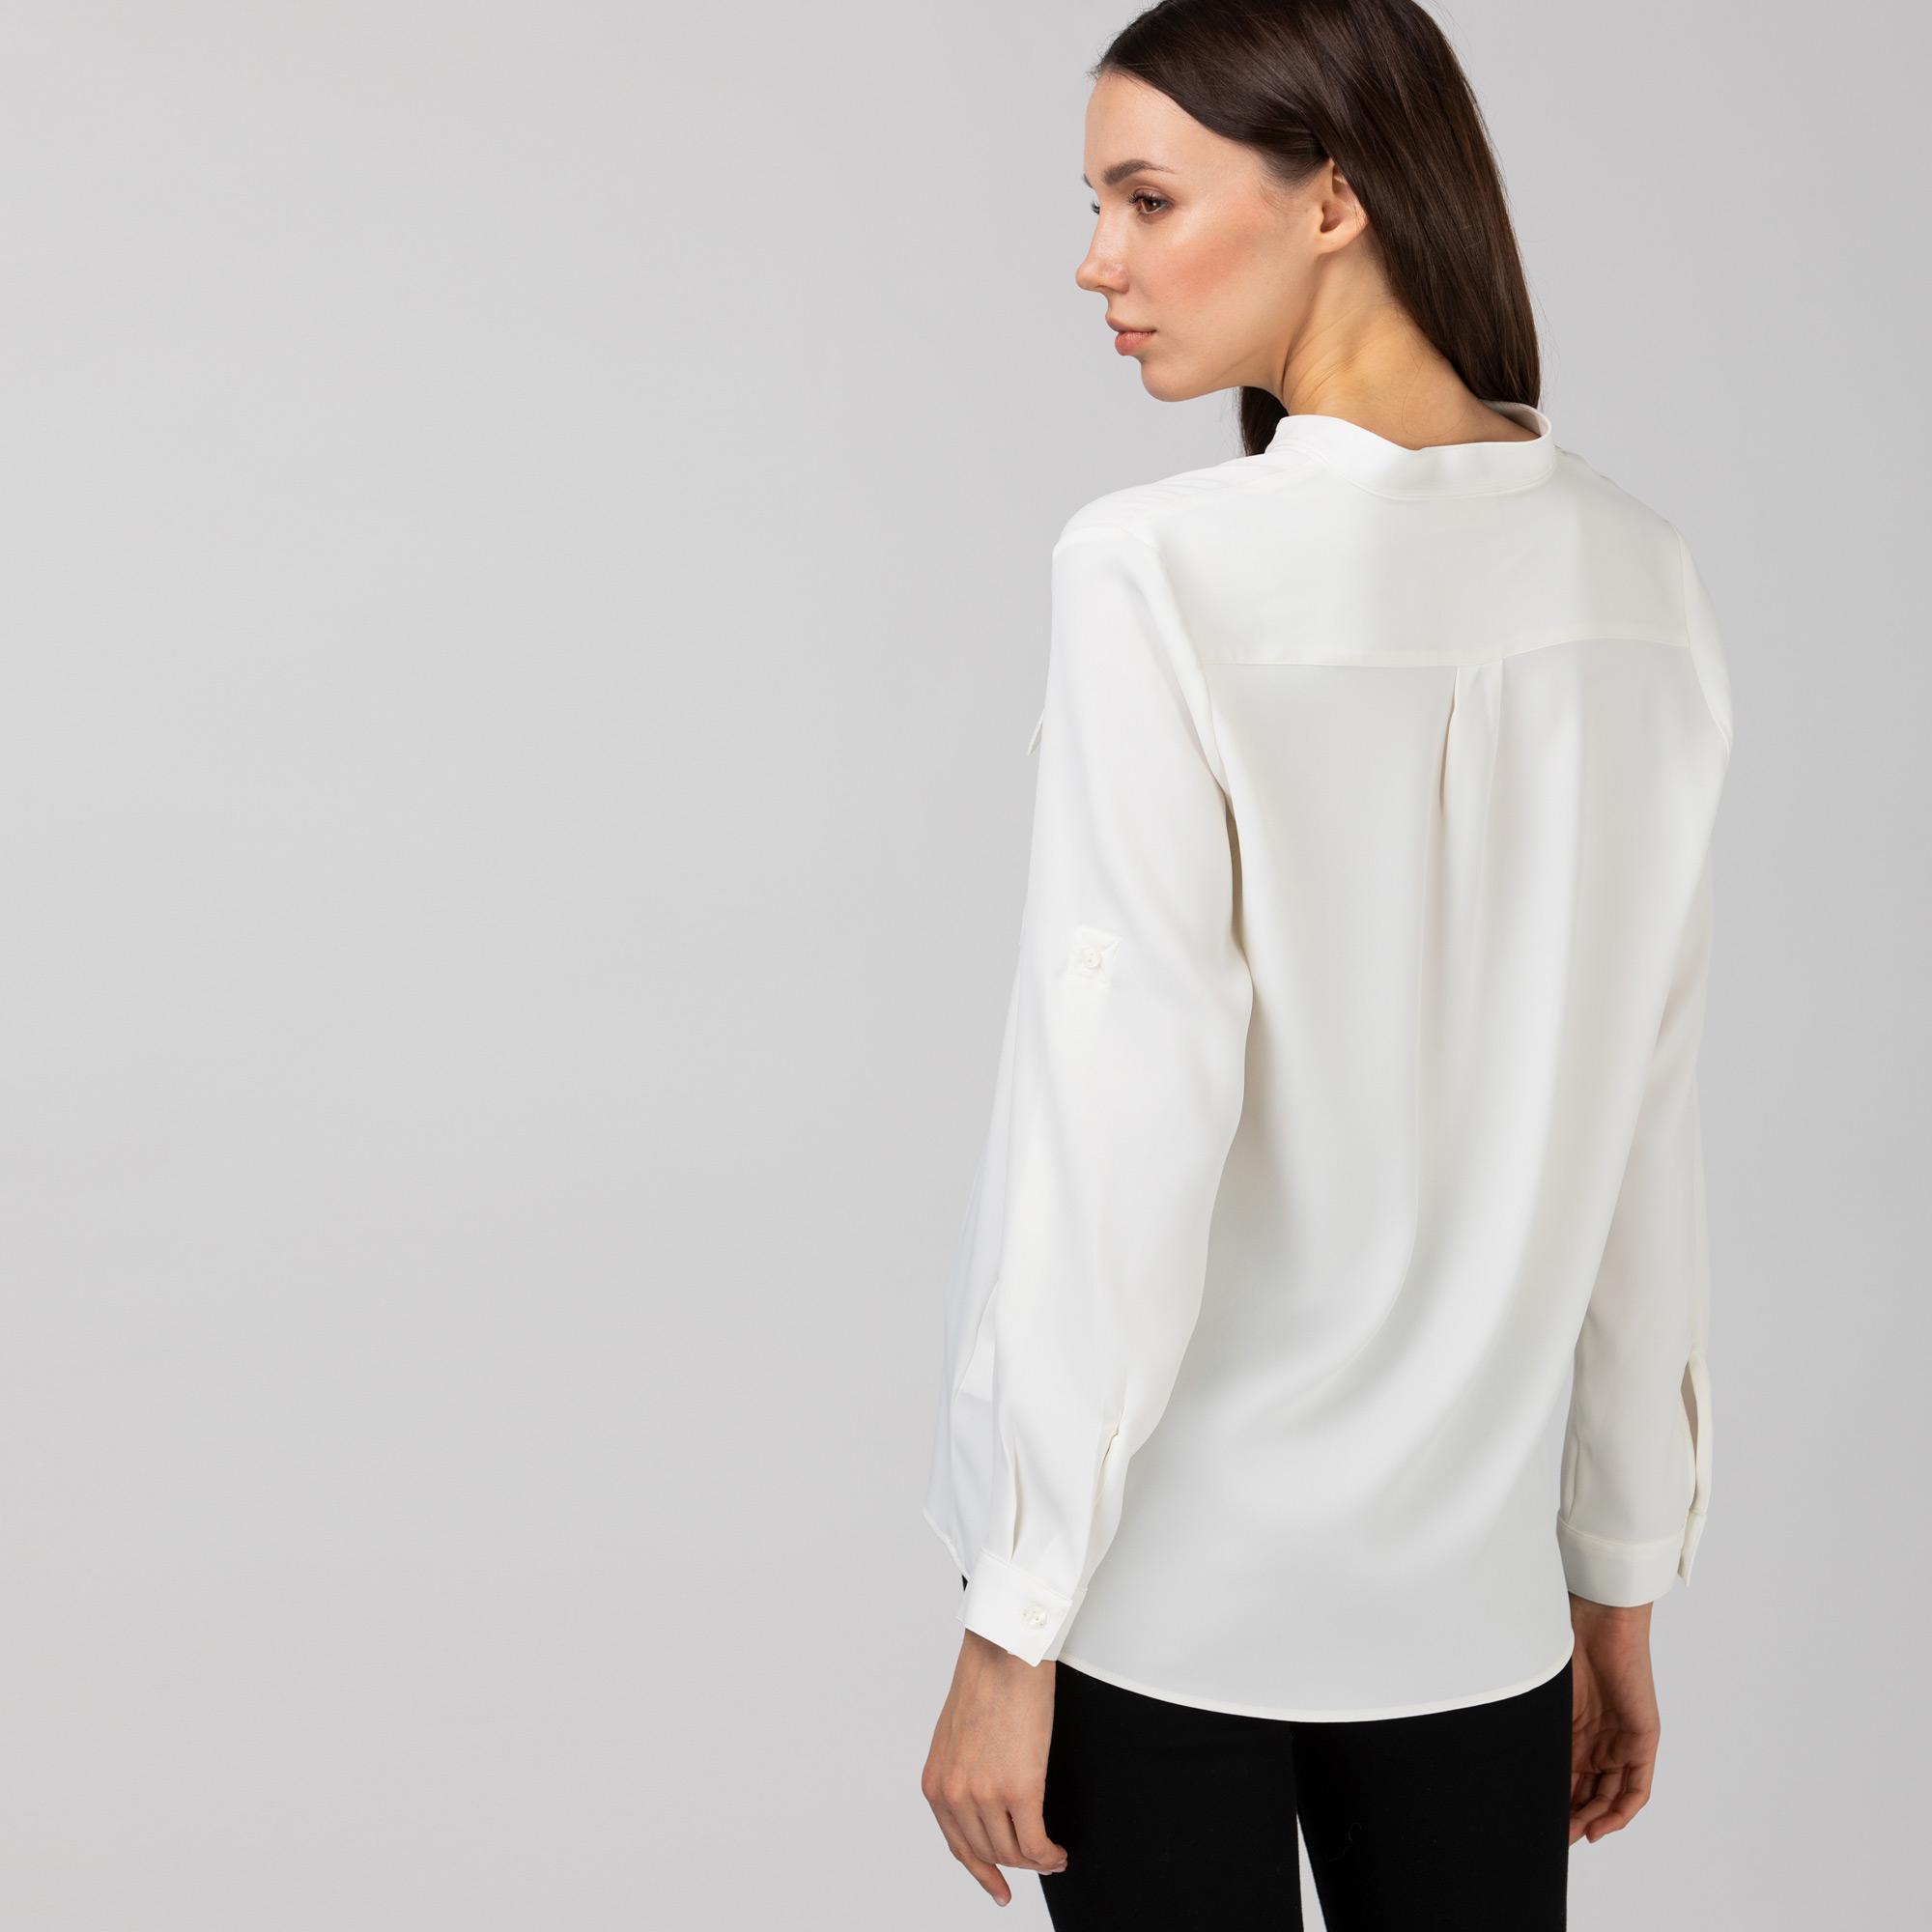 Lacoste Damska tkana koszula z długim rękawem